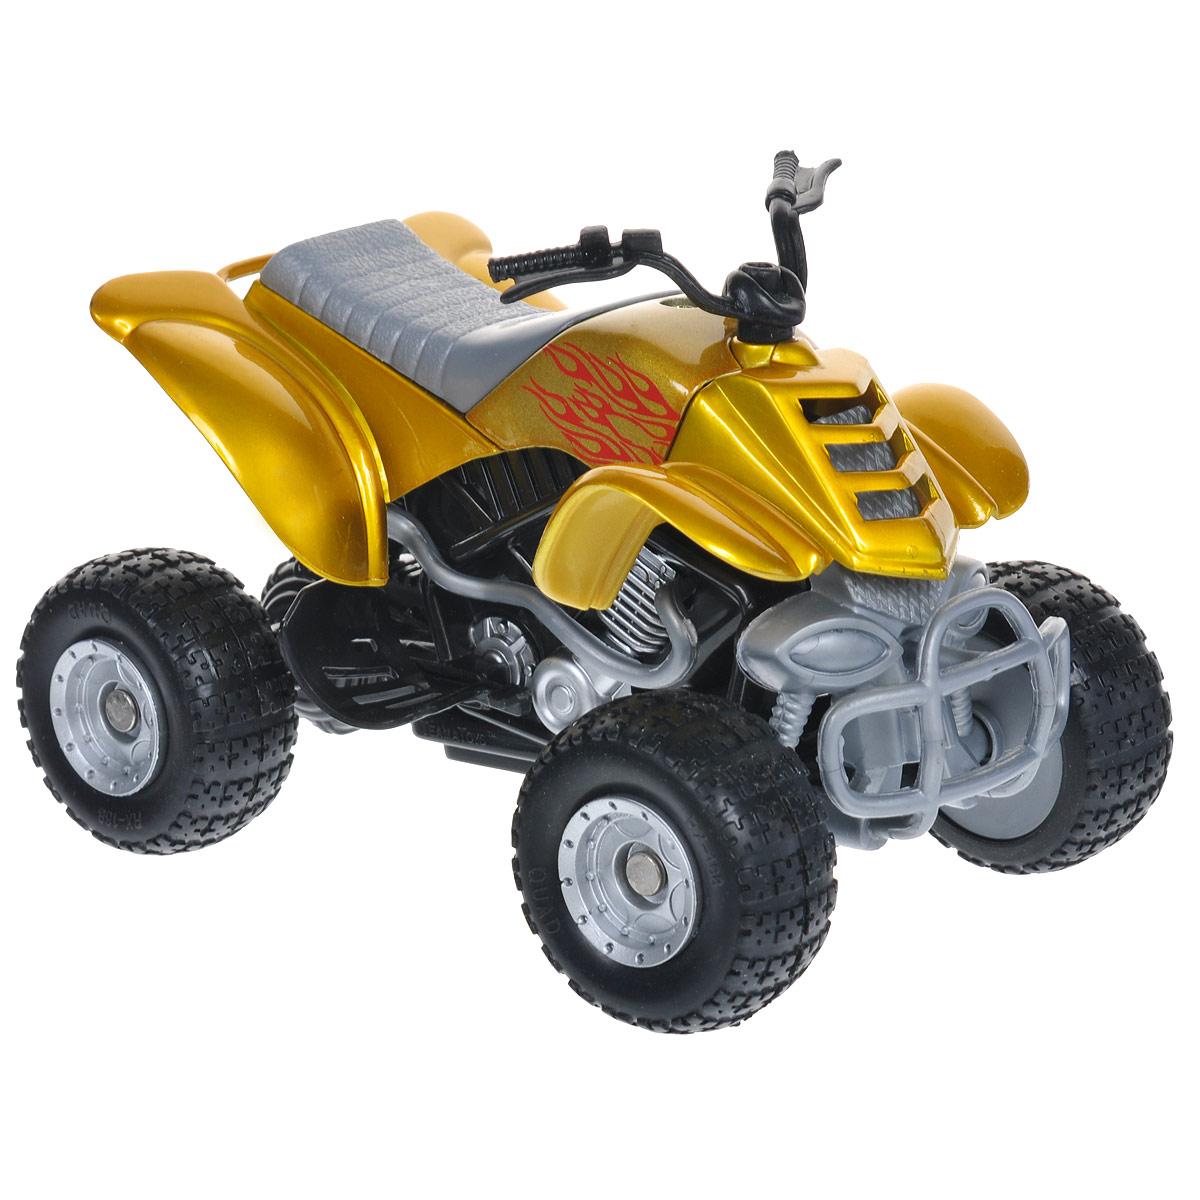 Autotime Коллекционная модель Мотоцикл Quadrobike Fire, цвет: желтый70232-00-RUS_желтыйКоллекционная модель Autotime Мотоцикл Quadrobike Fire выполнена из металла с элементами из пластика и представляет собой уменьшенную одноименную копию квадроцикла Quad Bike Fire. Модель отличается отличным качеством исполнения и детализацией высшего уровня. Масштаб и высокотехнологичное оборудование позволяют передать все тонкости и нюансы настоящего мотоцикла. Колеса квадроцикла крутятся. При нажатии на кнопку, расположенную сбоку игрушки, раздаются звуки, имитирующие езду настоящего мотоцикла. Коллекционная модель Autotime Мотоцикл Quad Bike понравится вашему ребенку и станет достойным экспонатом любой коллекции. Рекомендуется докупить 2 батарейки напряжением 1,5V типа АG13 (товар комплектуется демонстрационными).